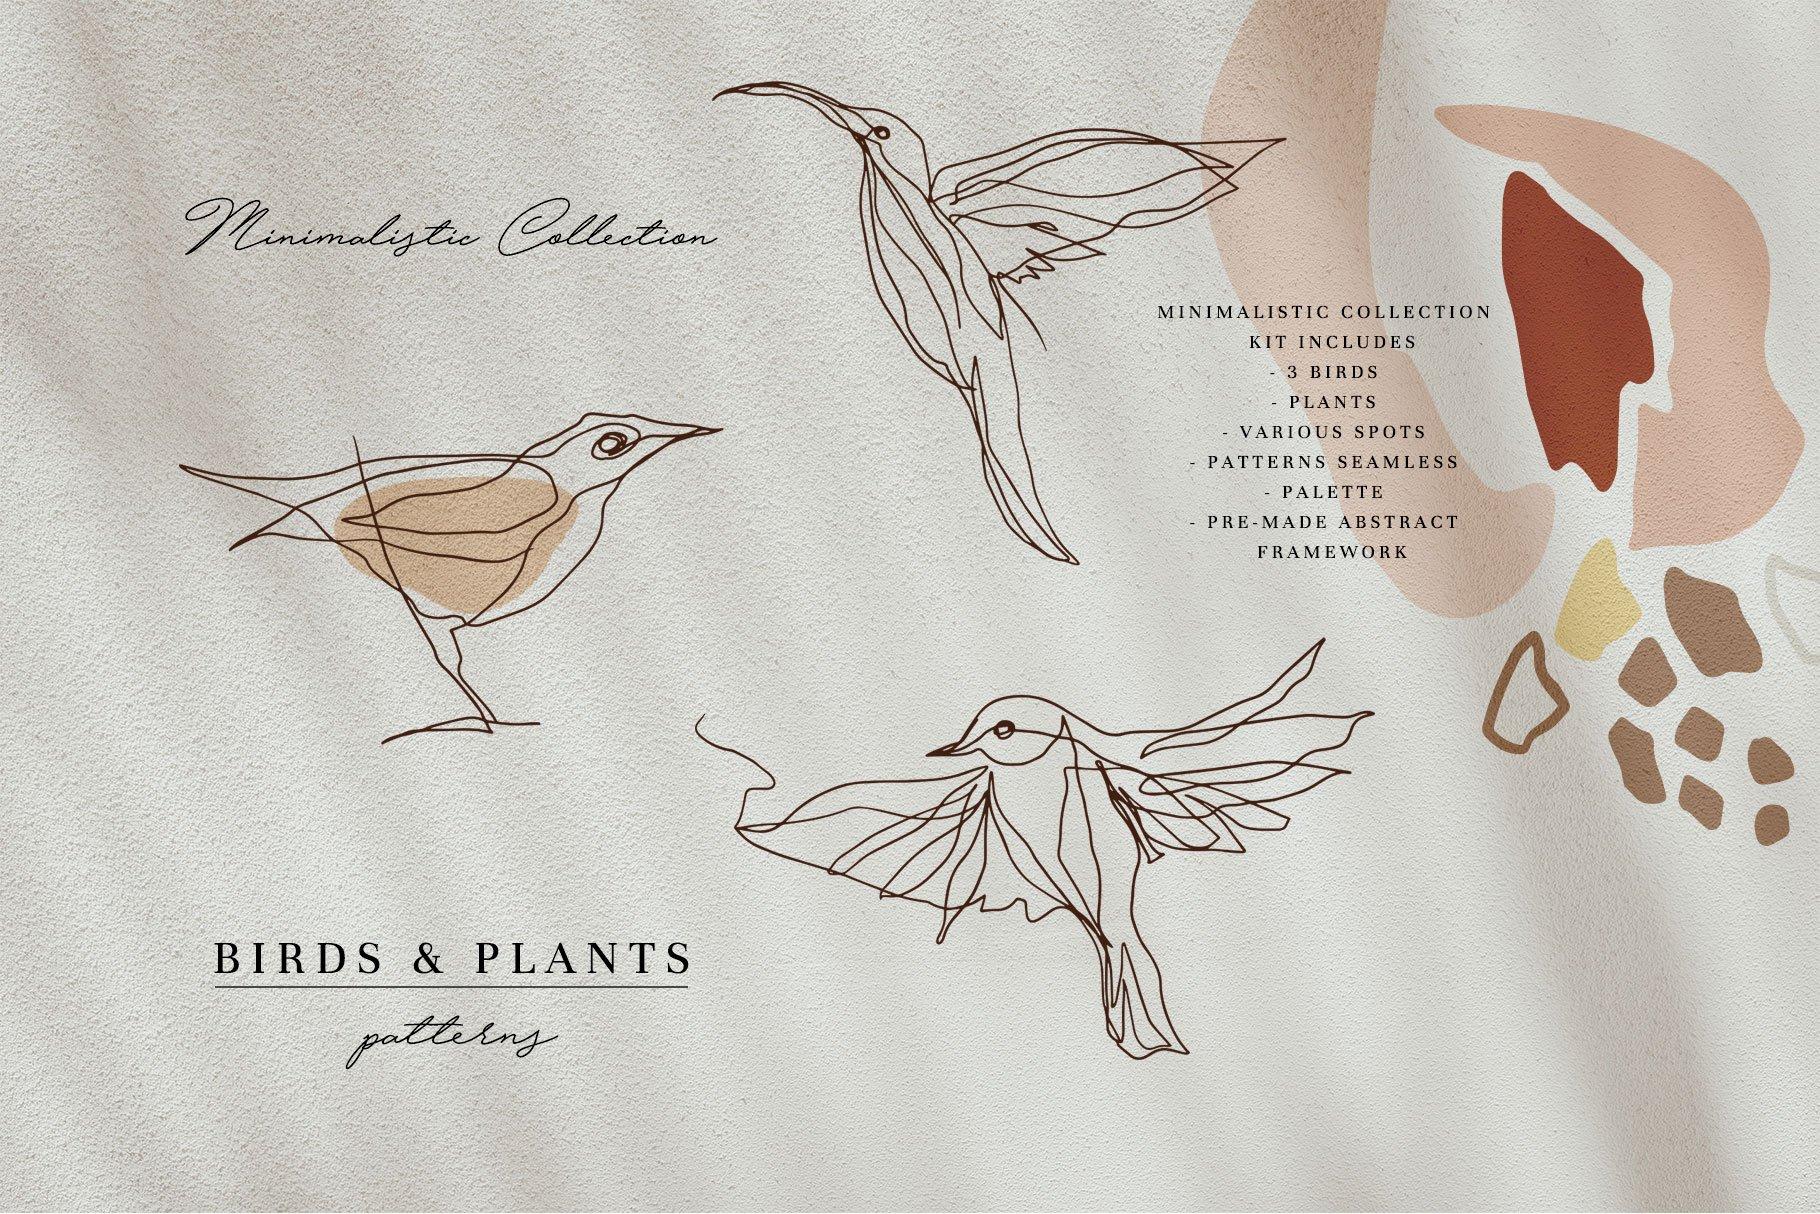 现代抽象几何图形鸟类矢量线条设计素材 Modern Abstraction Birds & Plants插图5